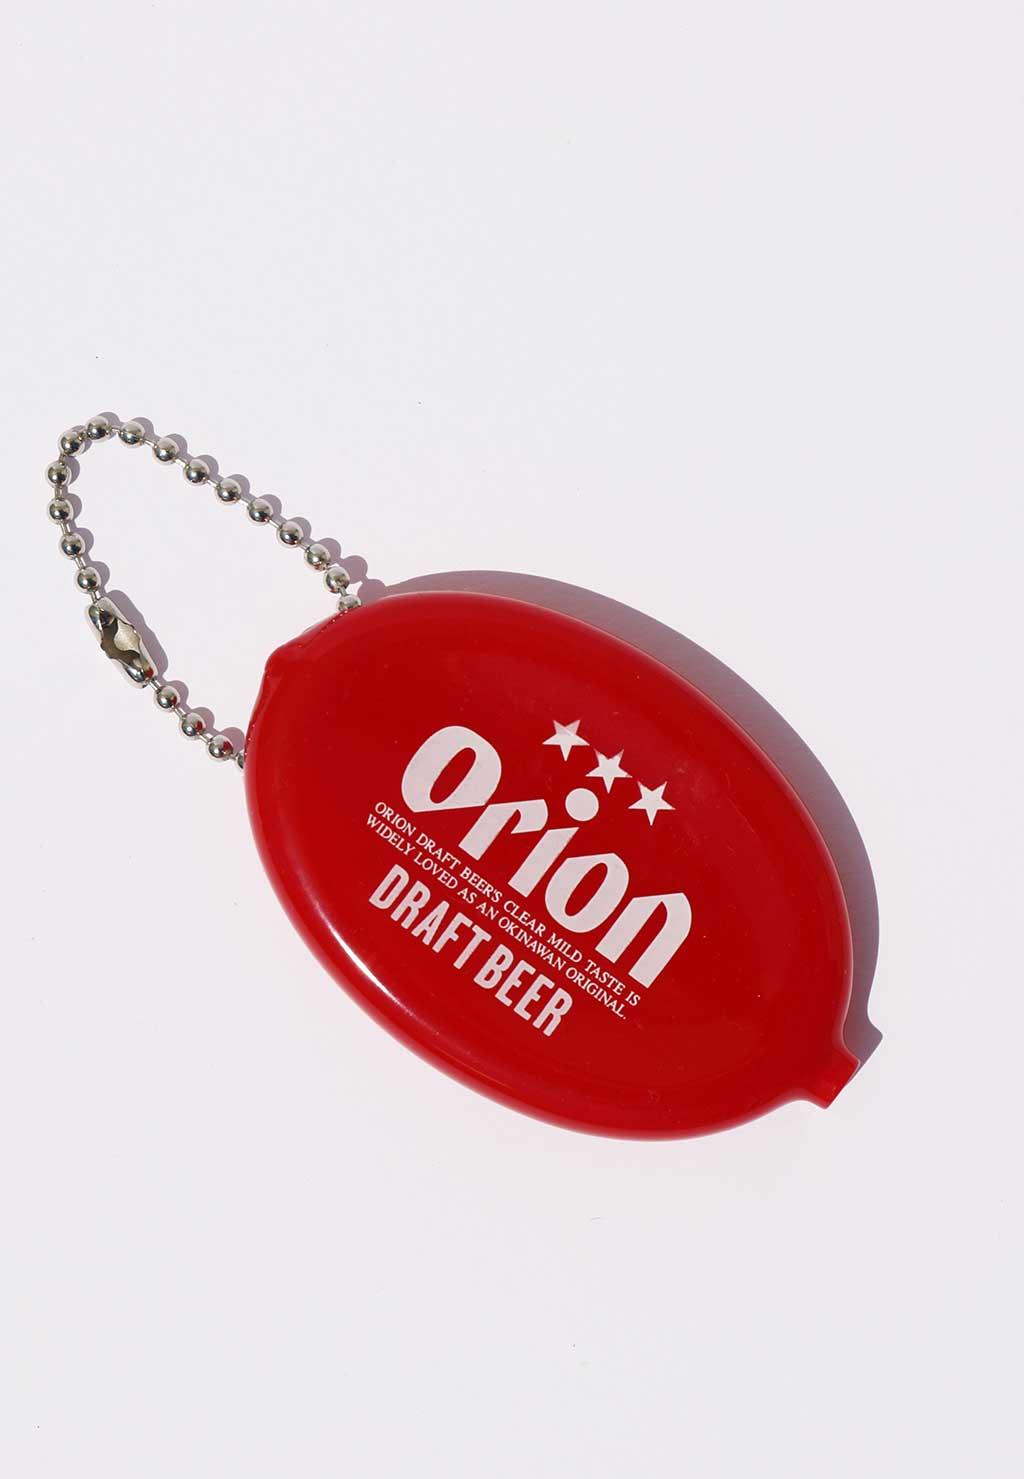 オリオンビール コインケース    赤(RED)